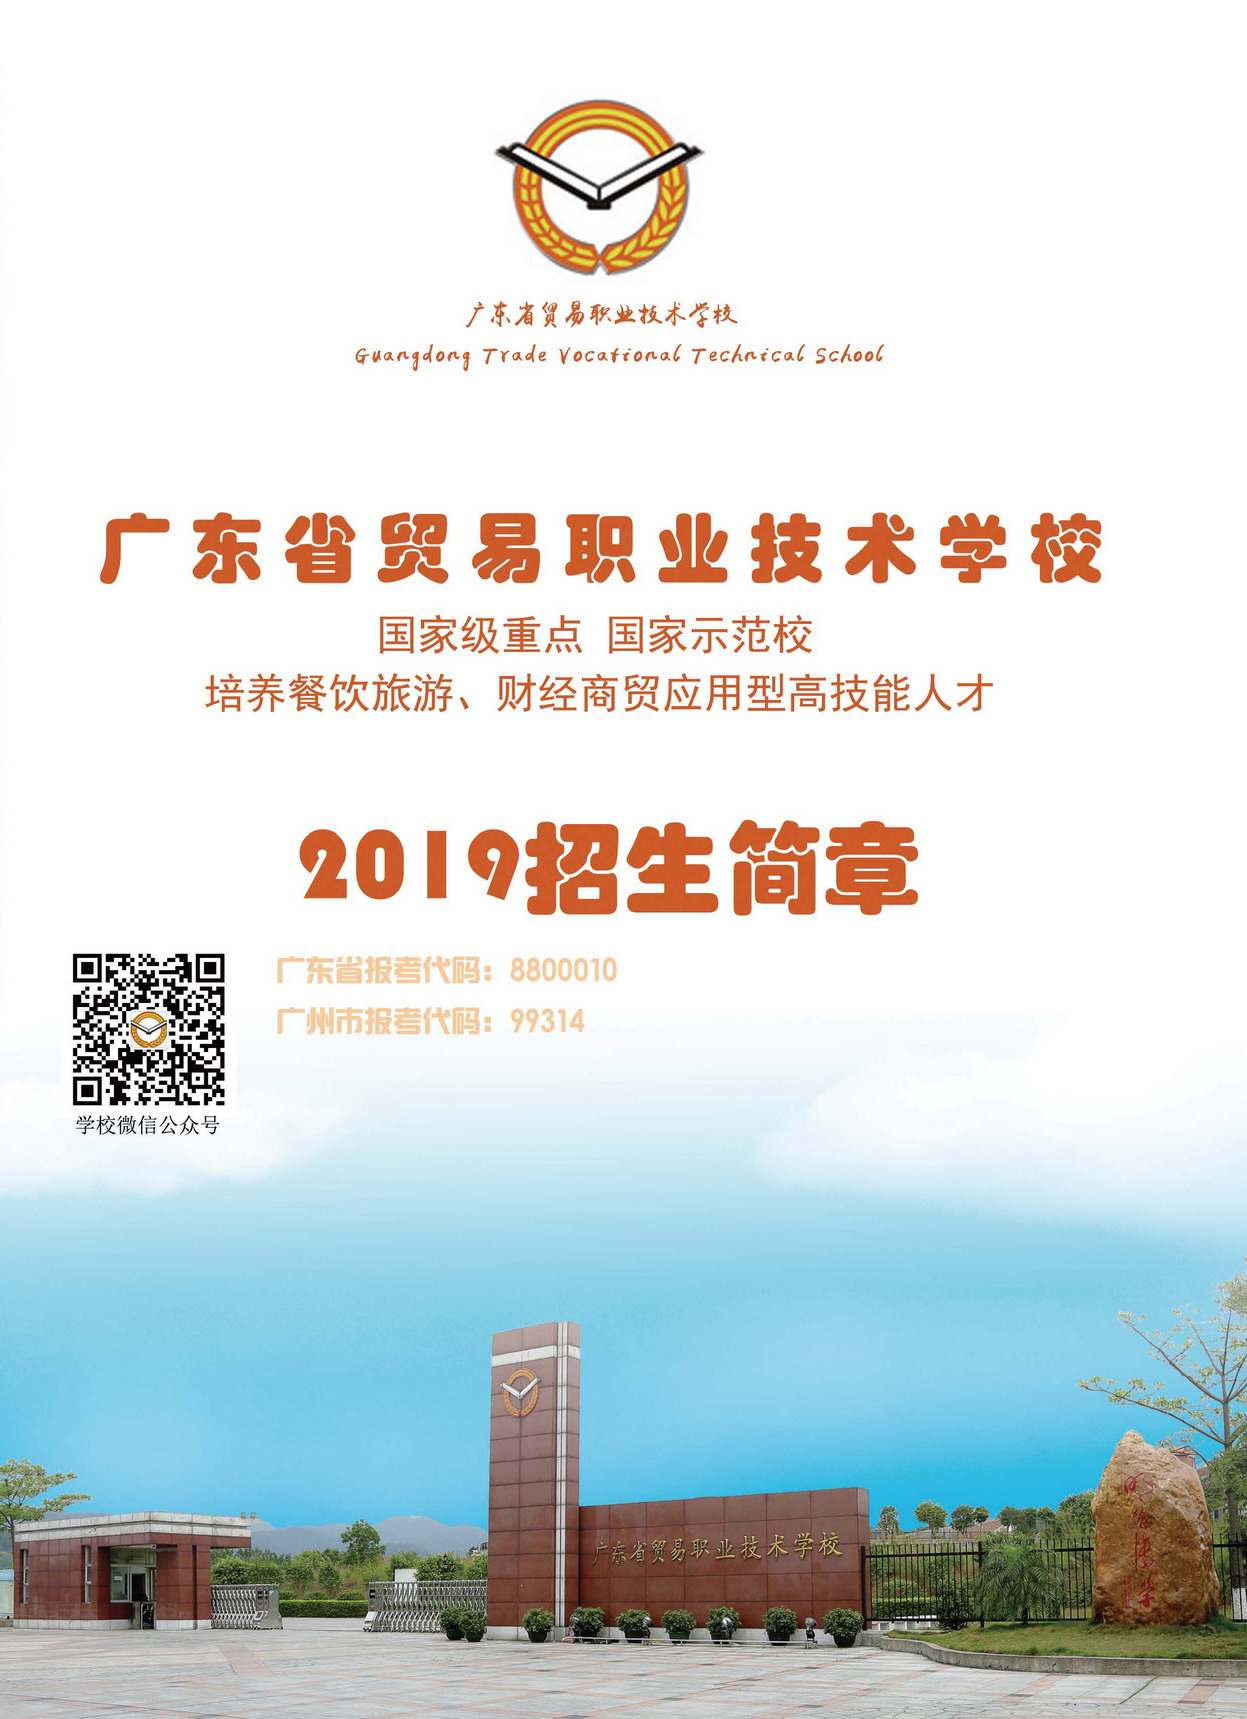 广东省贸易职业技术学校招生简章